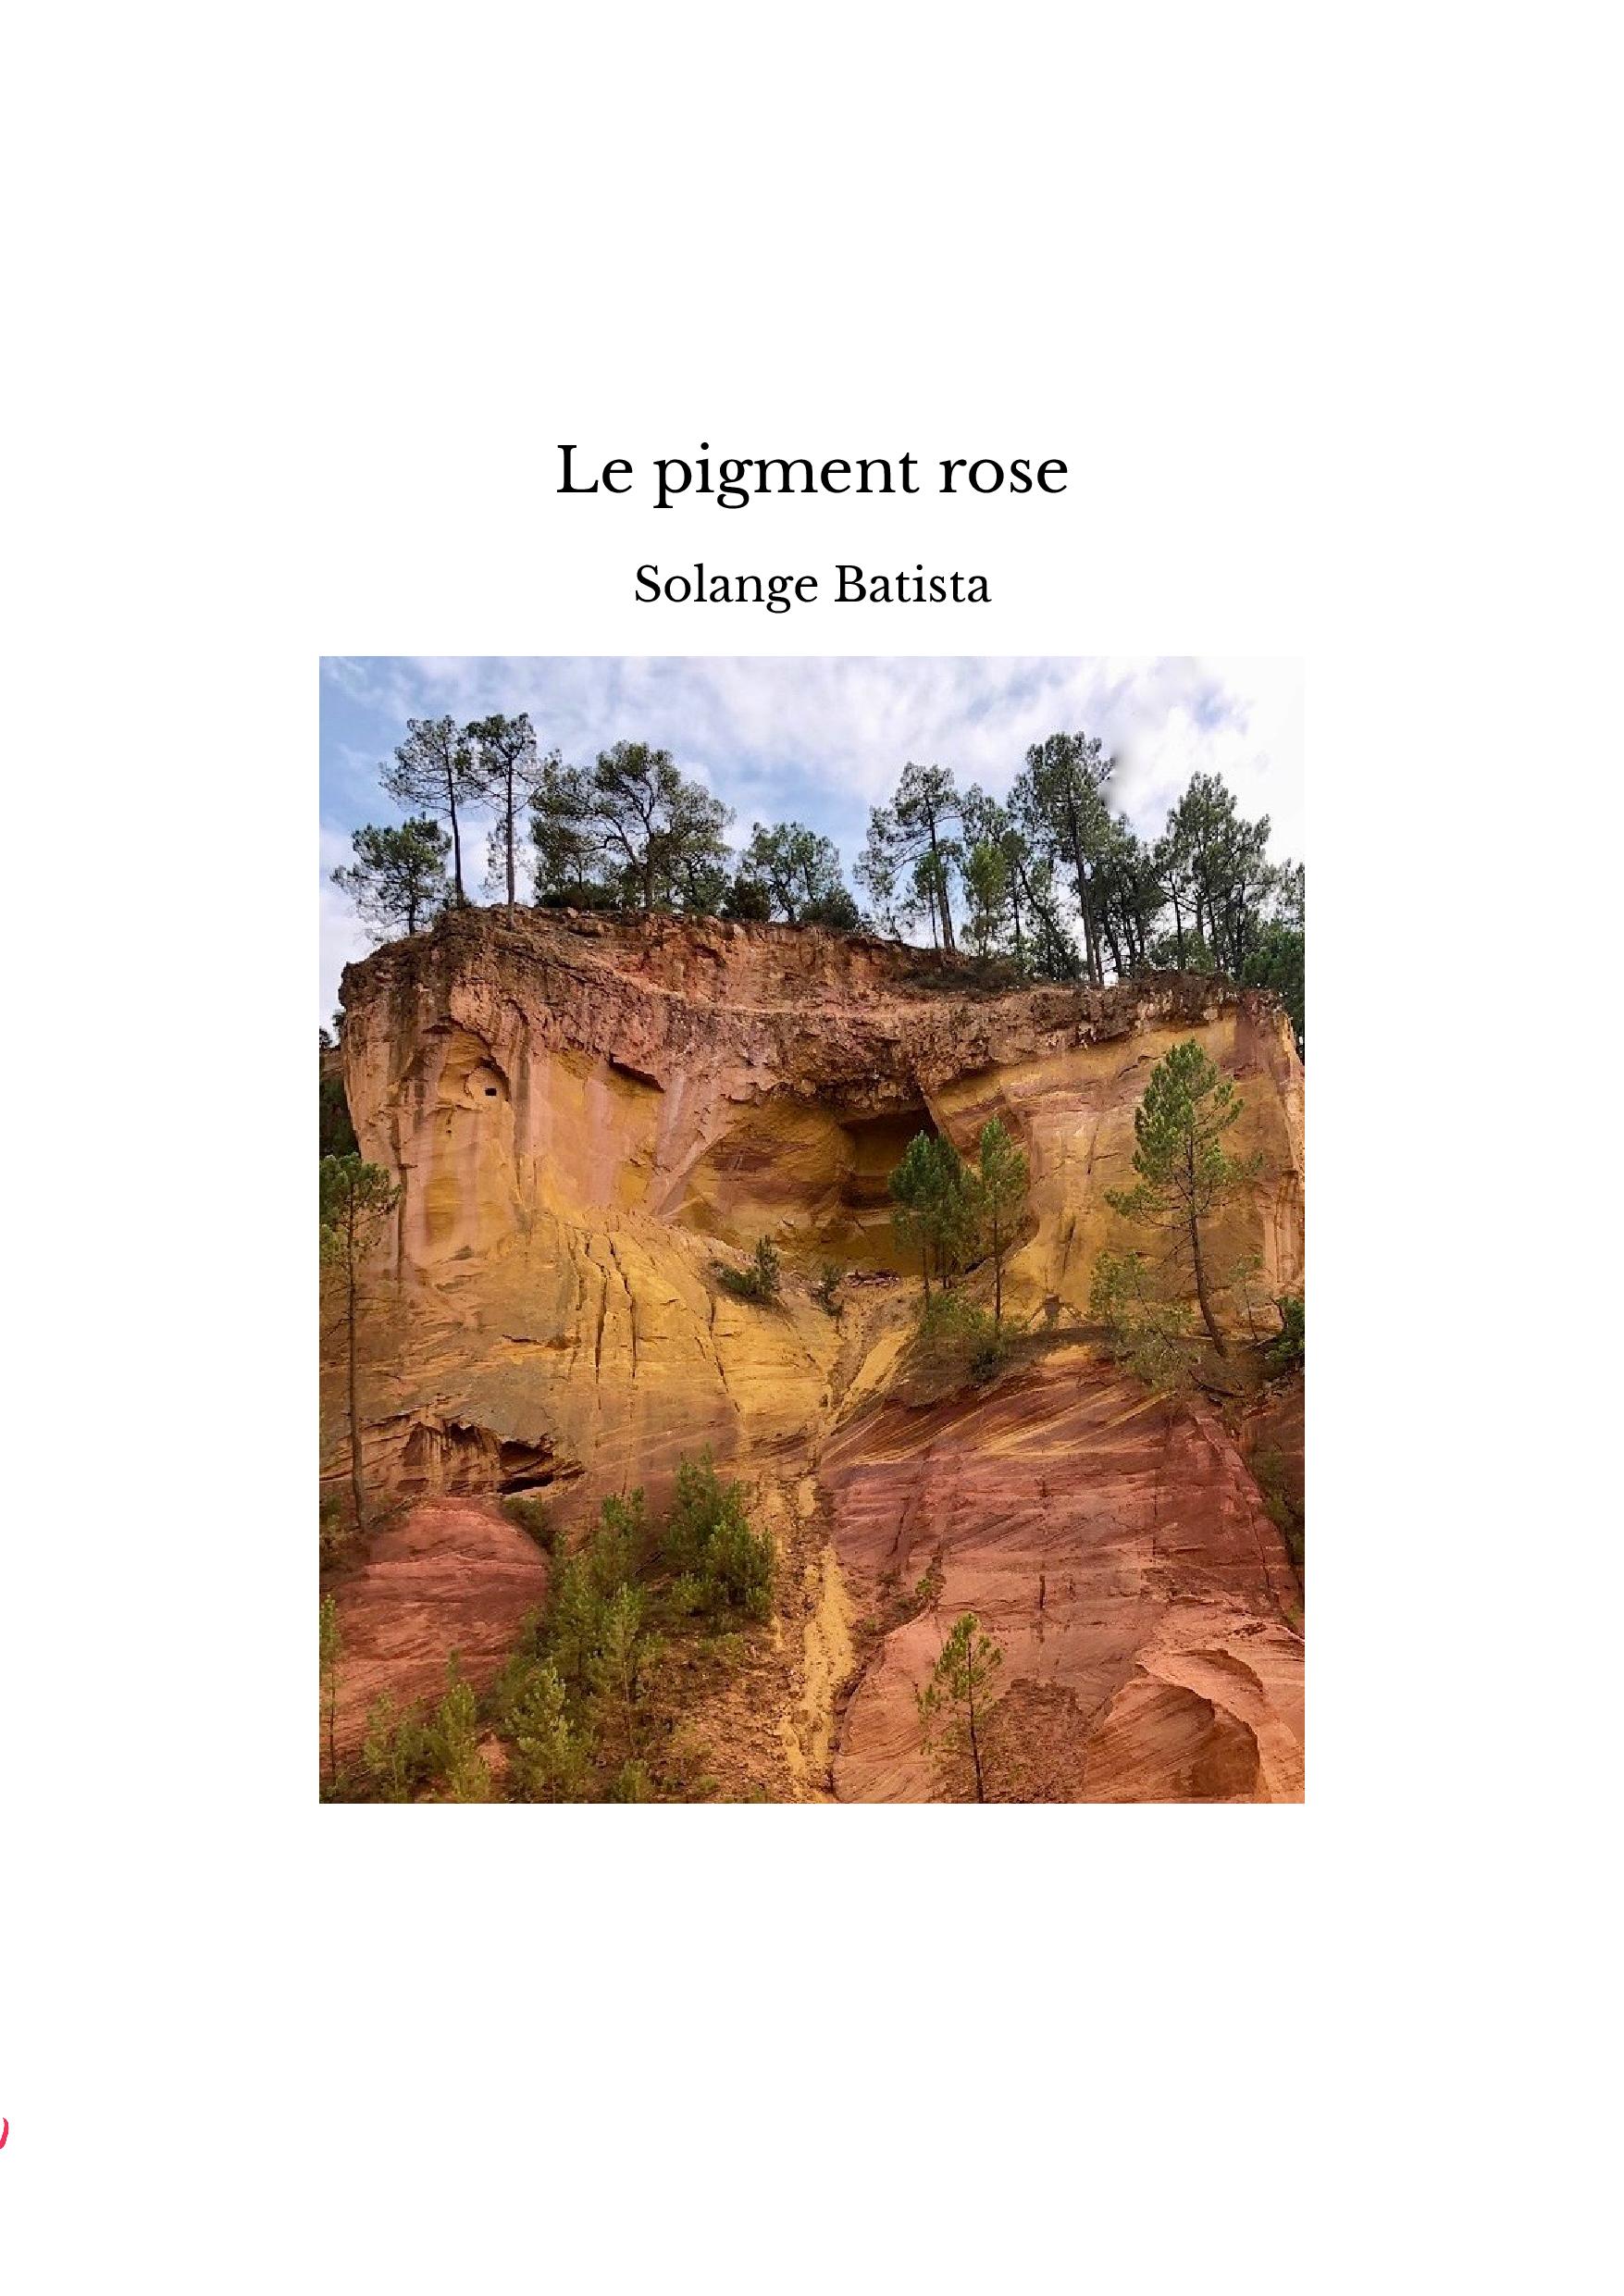 Le pigment rose